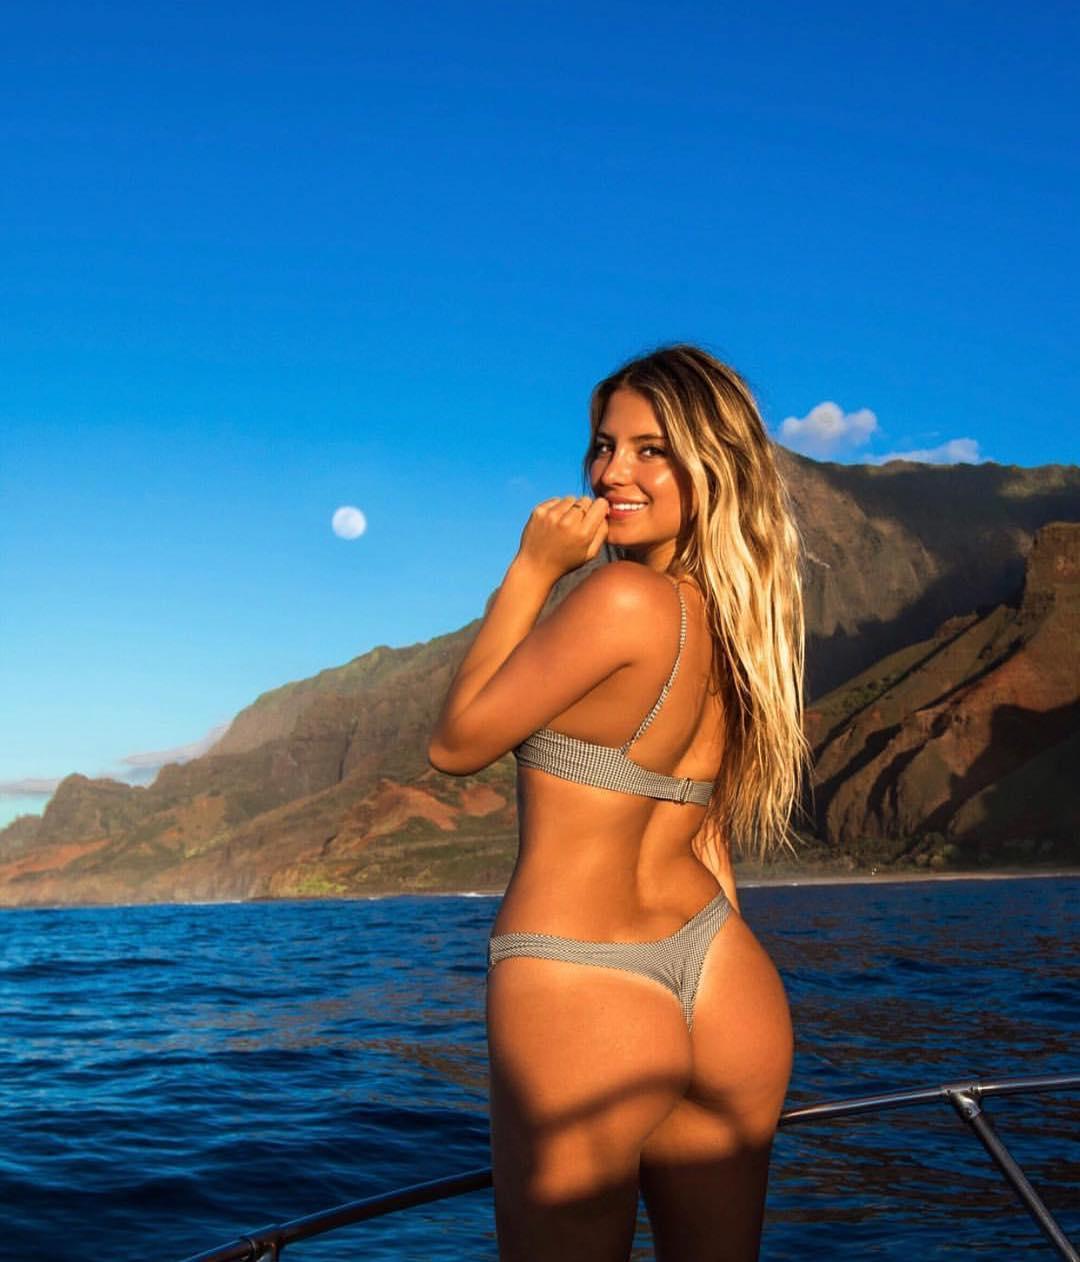 Nadeea volianova sexy topless 9 photos forecasting